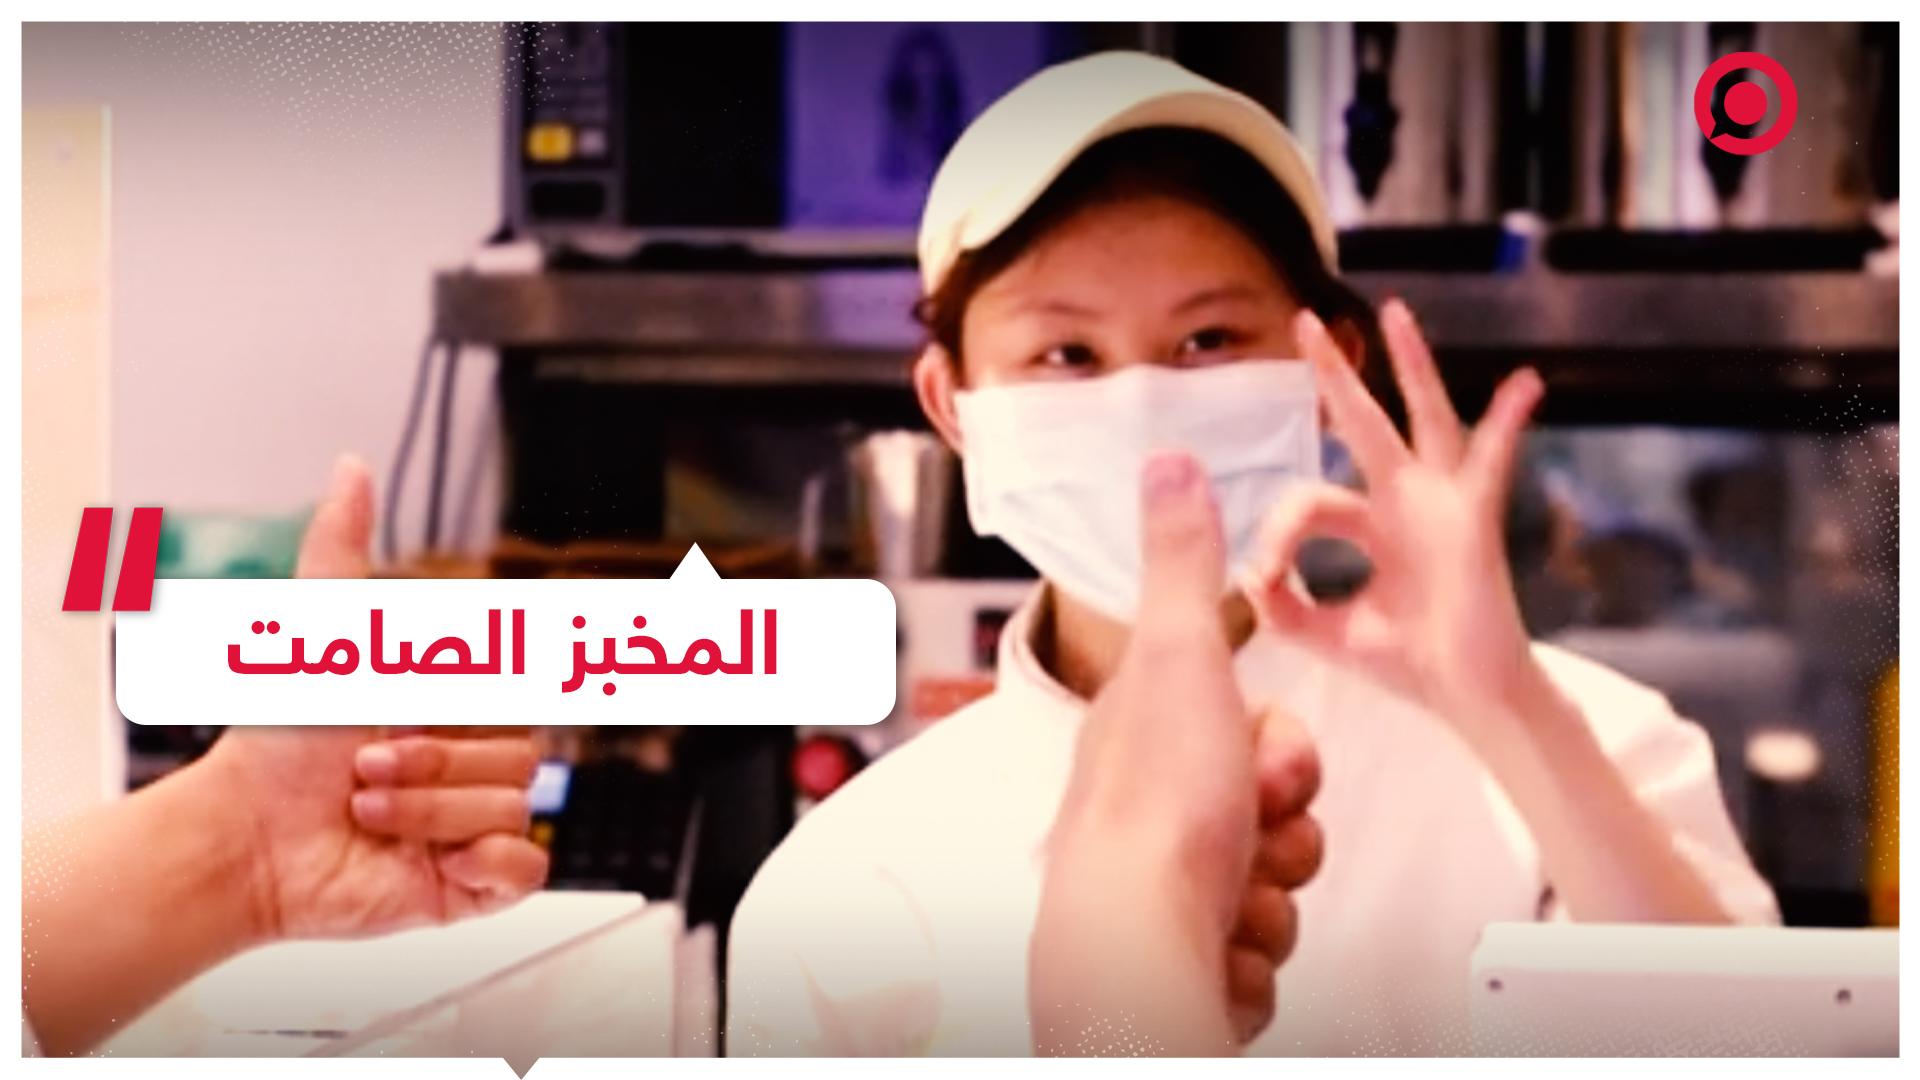 مخبز صيني يتعامل موظفوه بلغة الإشارة!